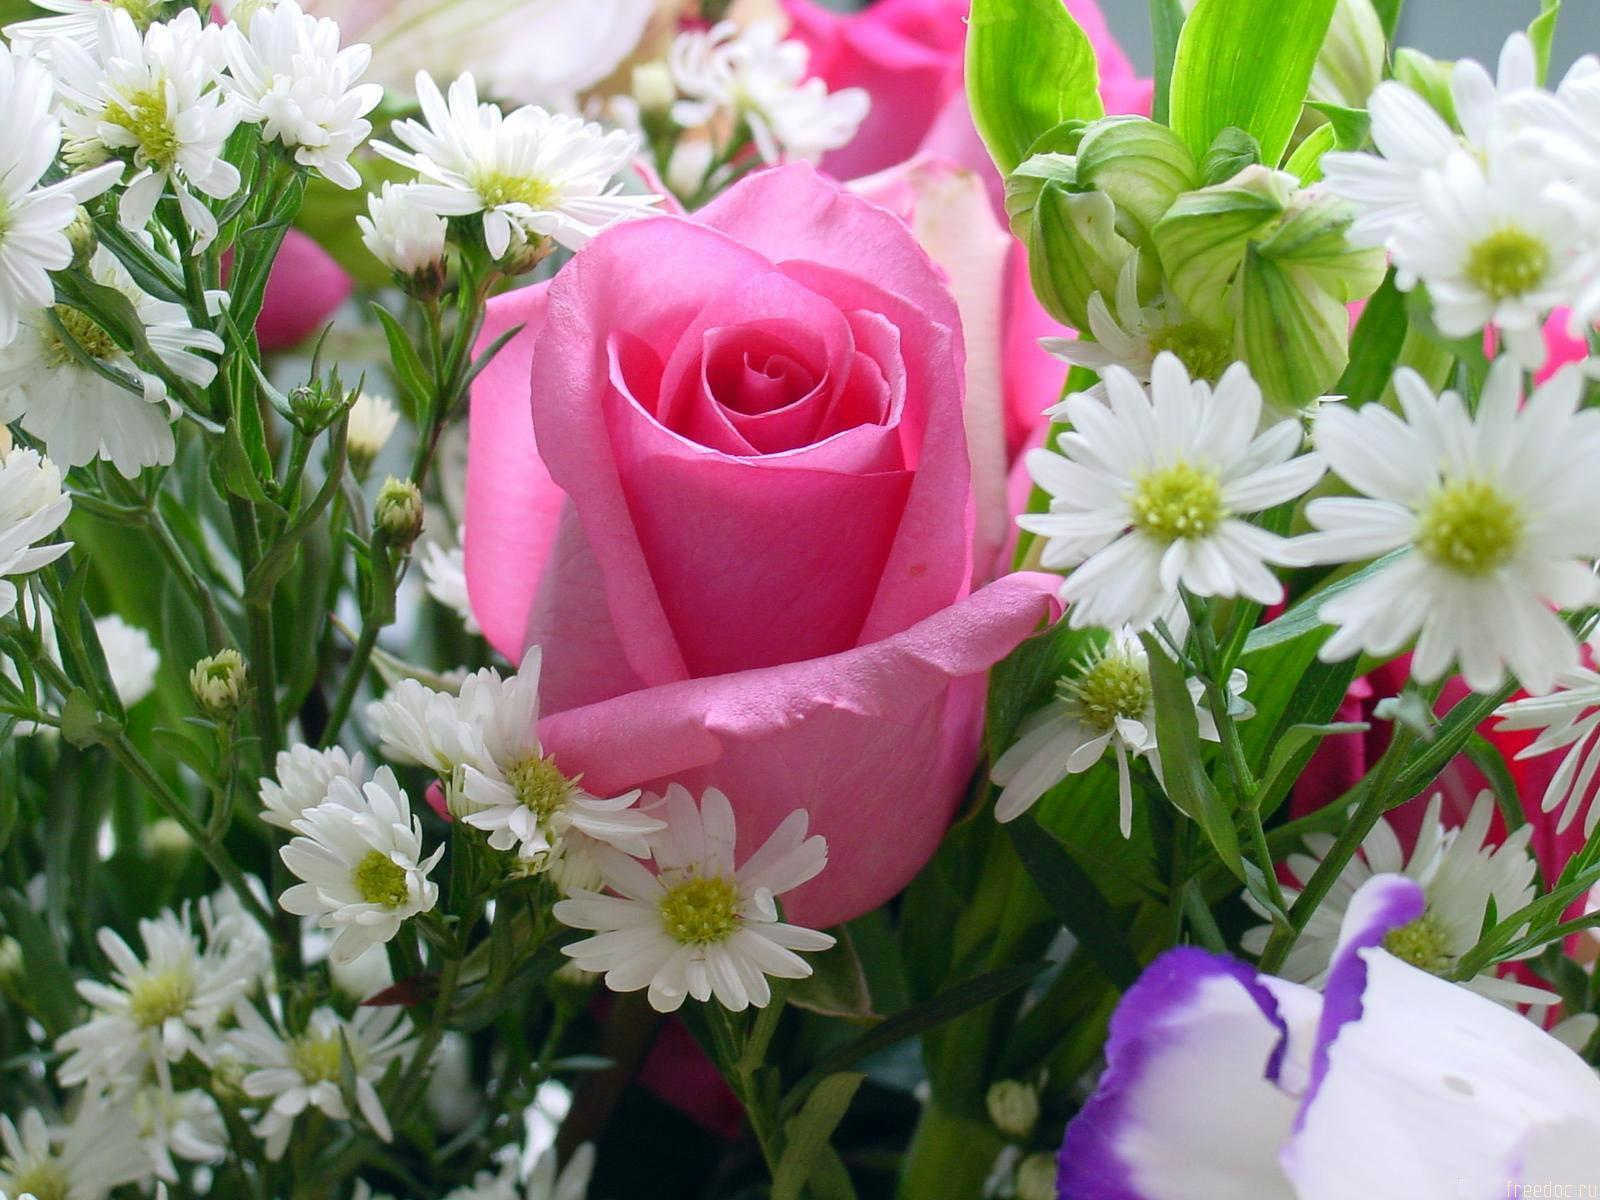 rose pink wallpaper Photo